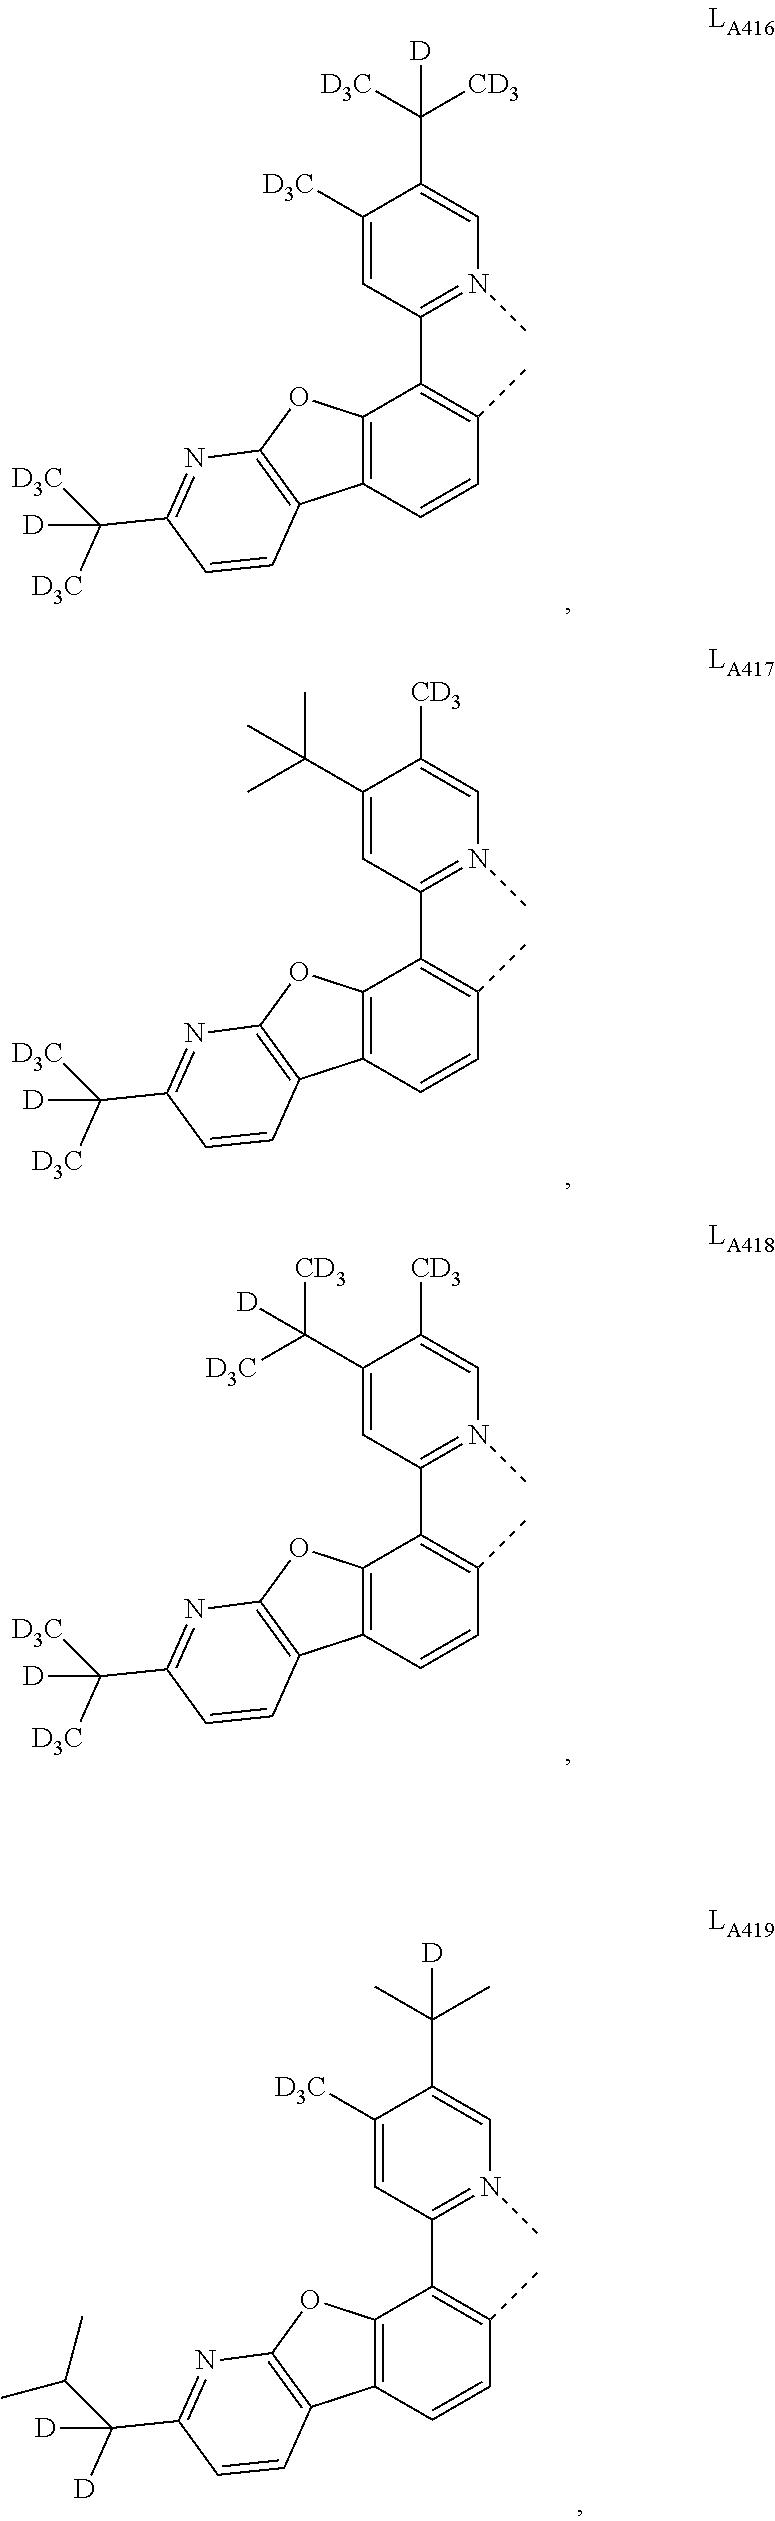 Figure US20160049599A1-20160218-C00491